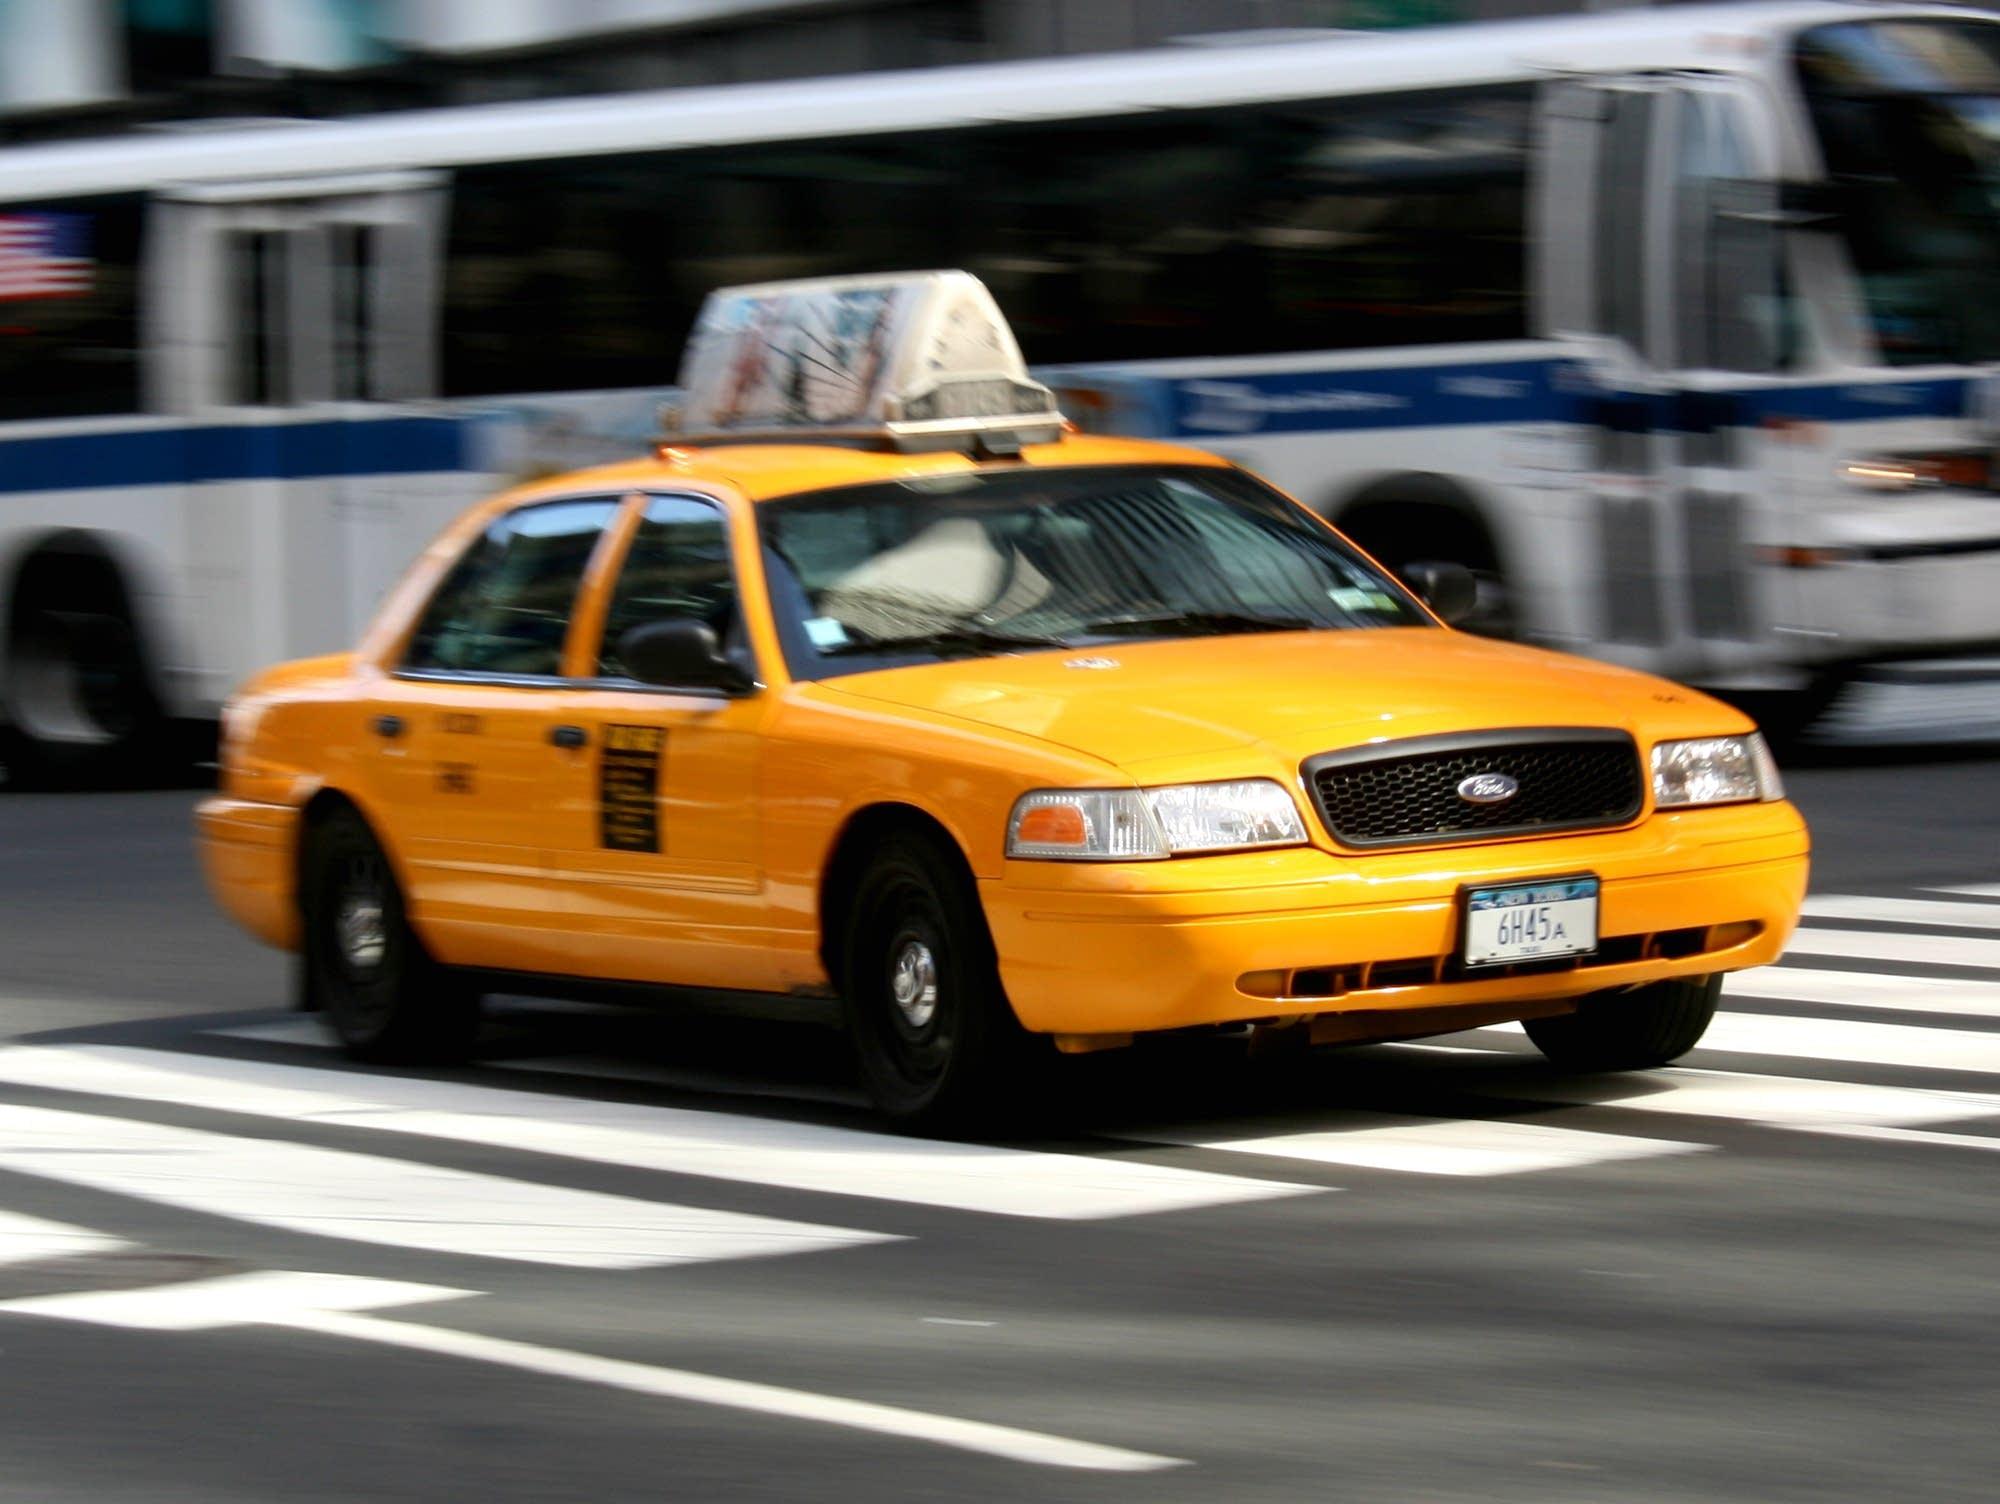 taxi 12550 - 1024×666